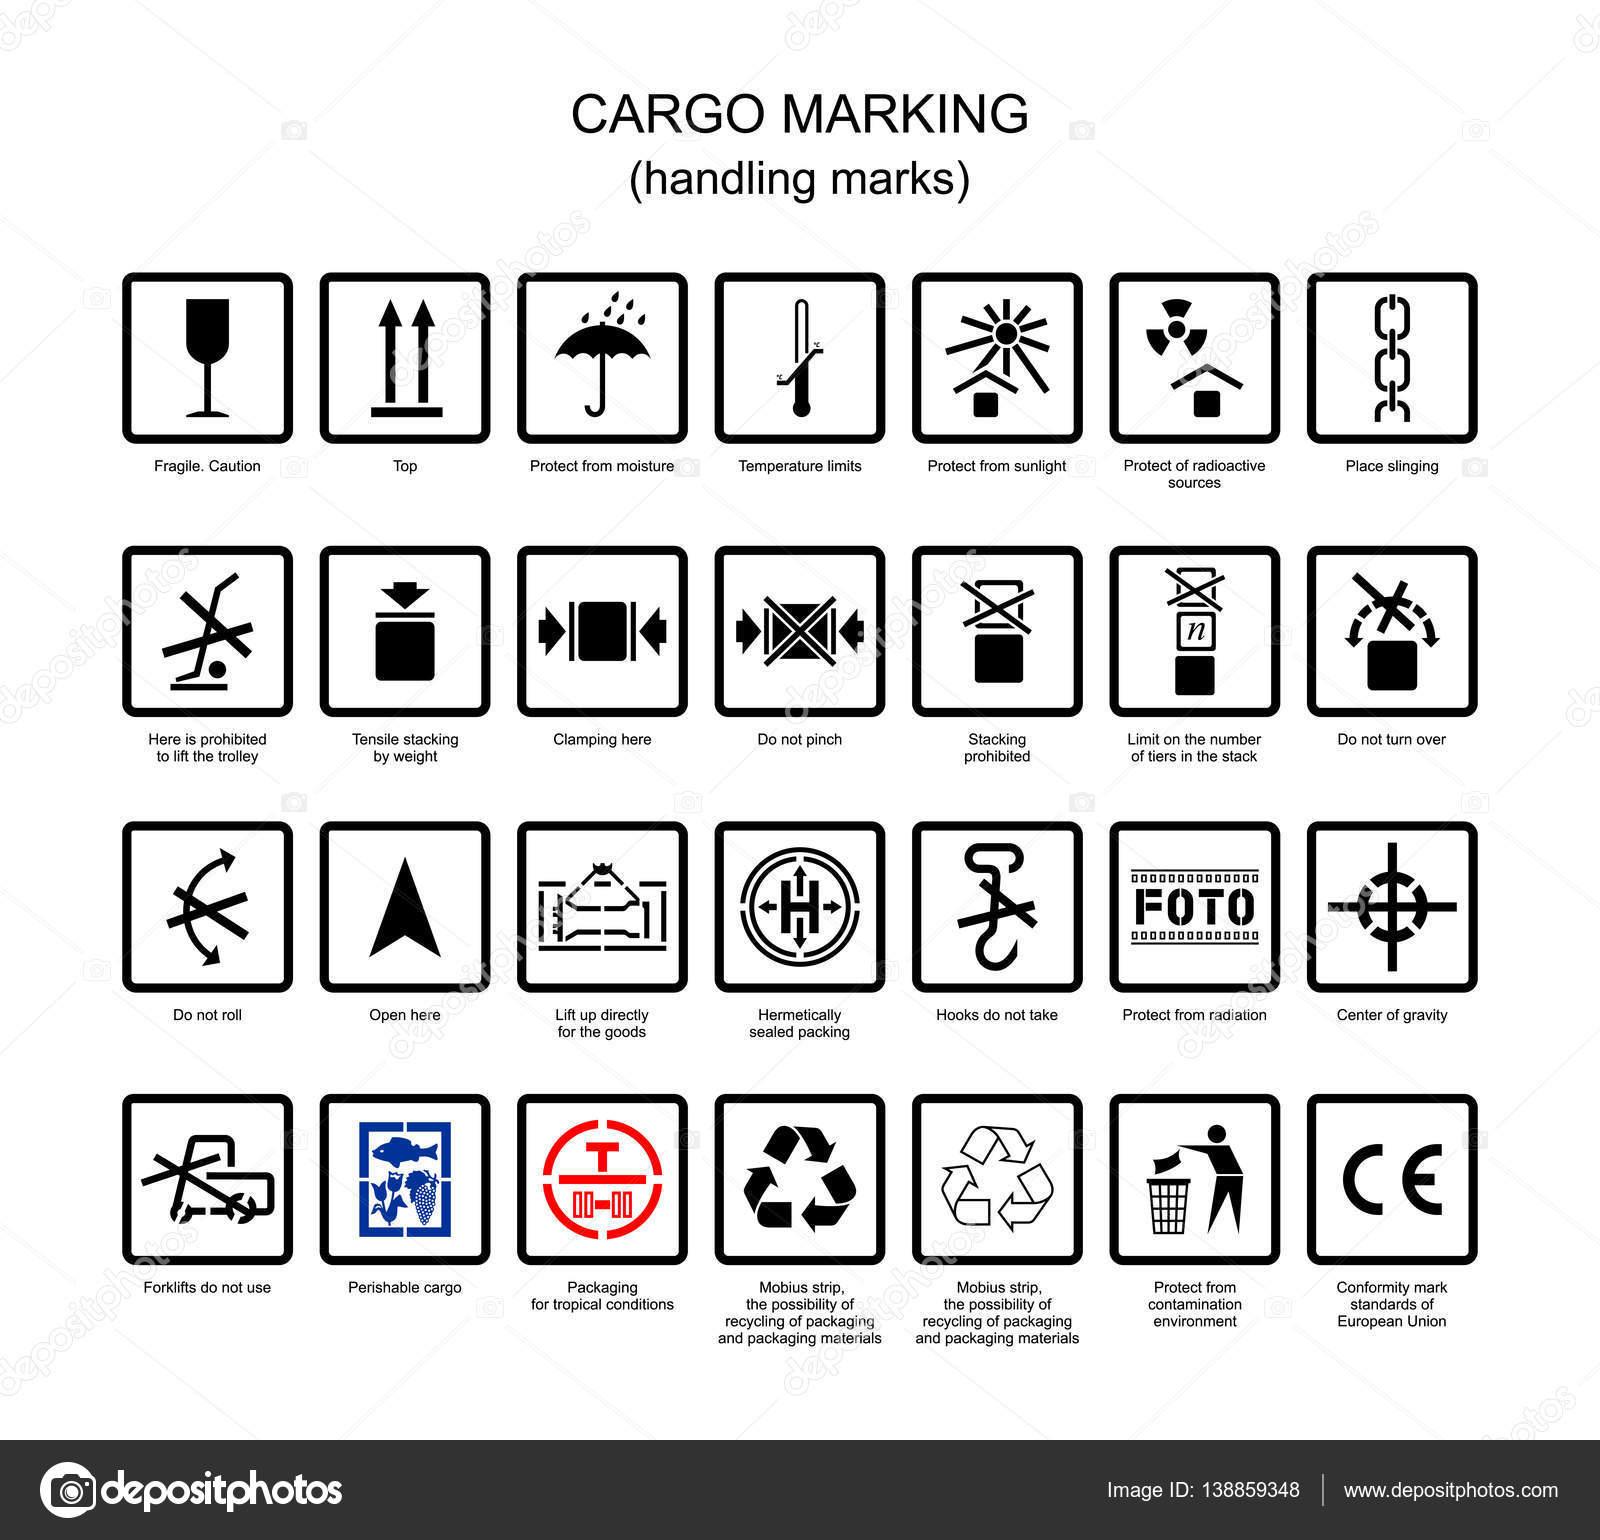 Simbolos Para Marcacao De Carga